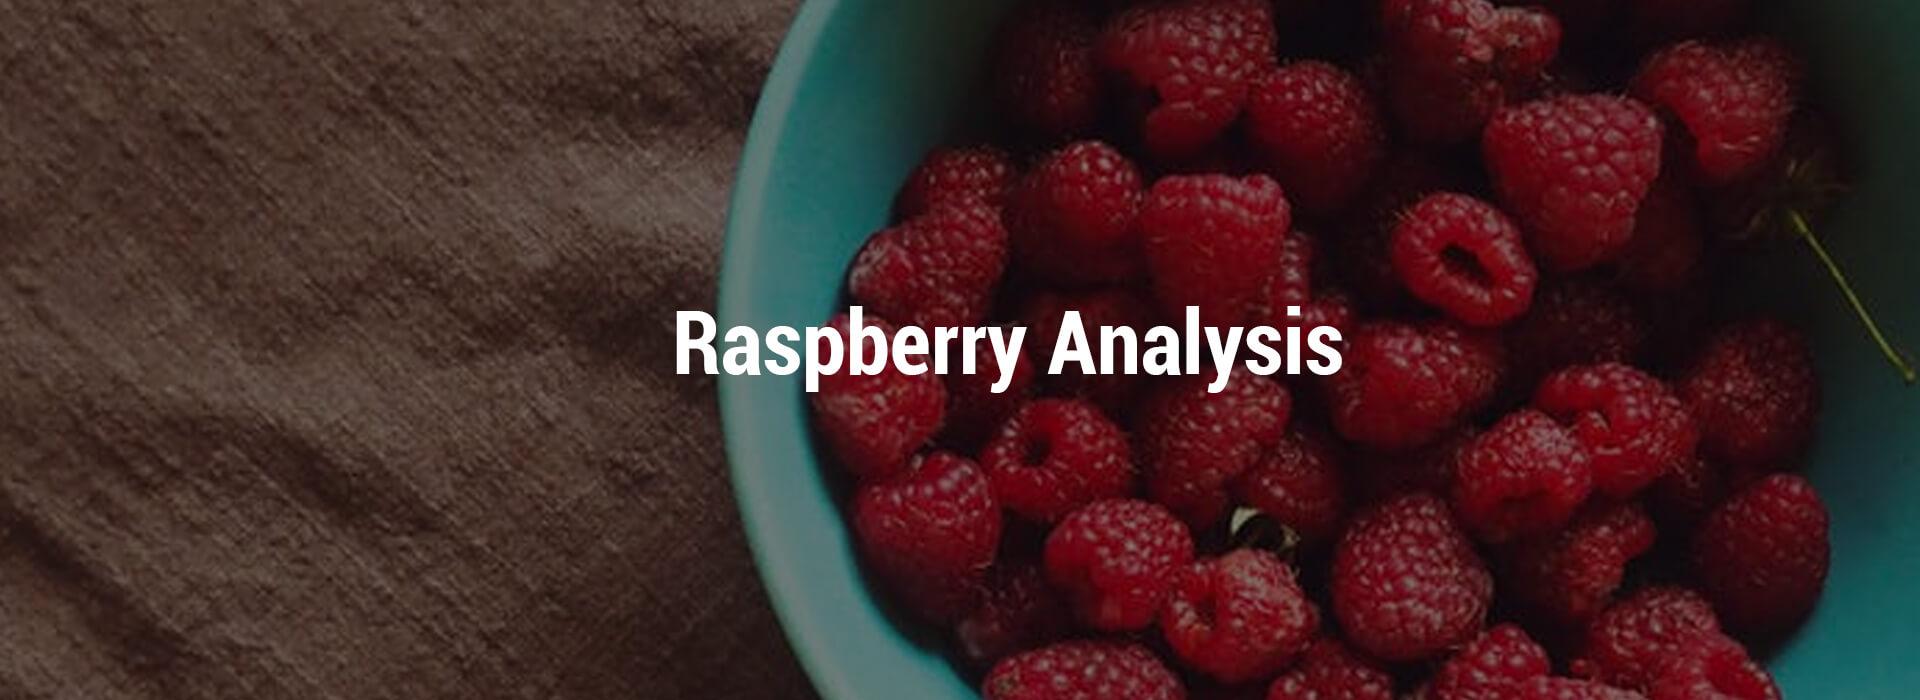 HS-raspberry-header